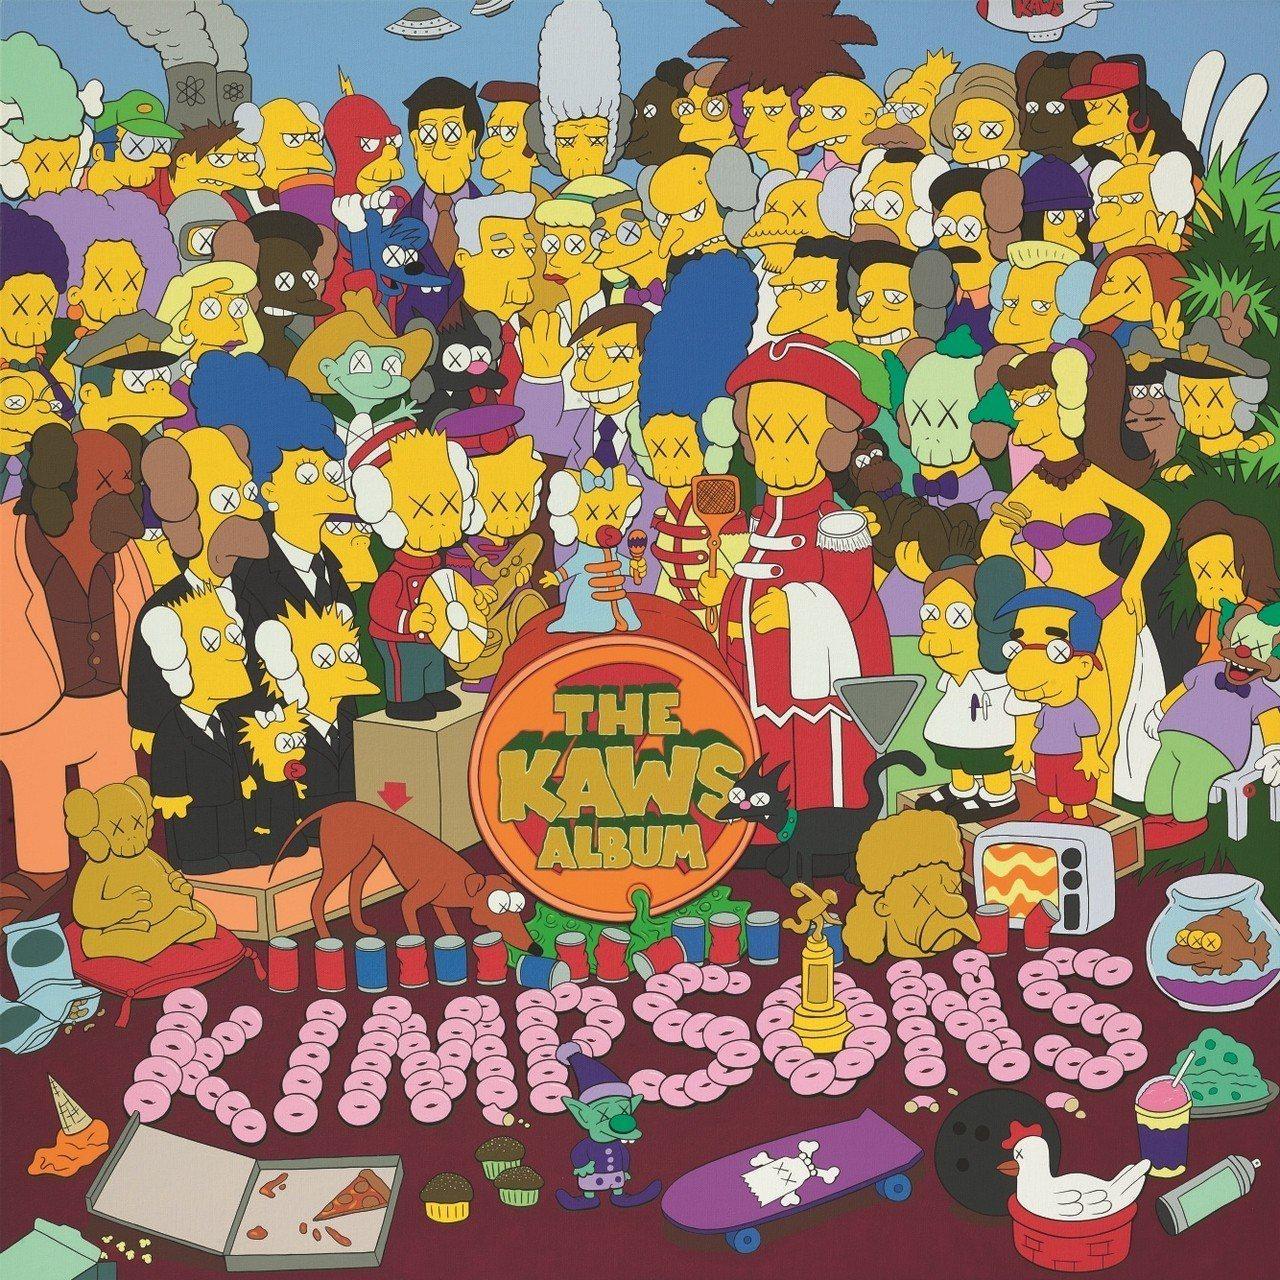 日本潮流教父 NIGO®委託 KAWS 創作之《THE KAWS ALBUM》,...